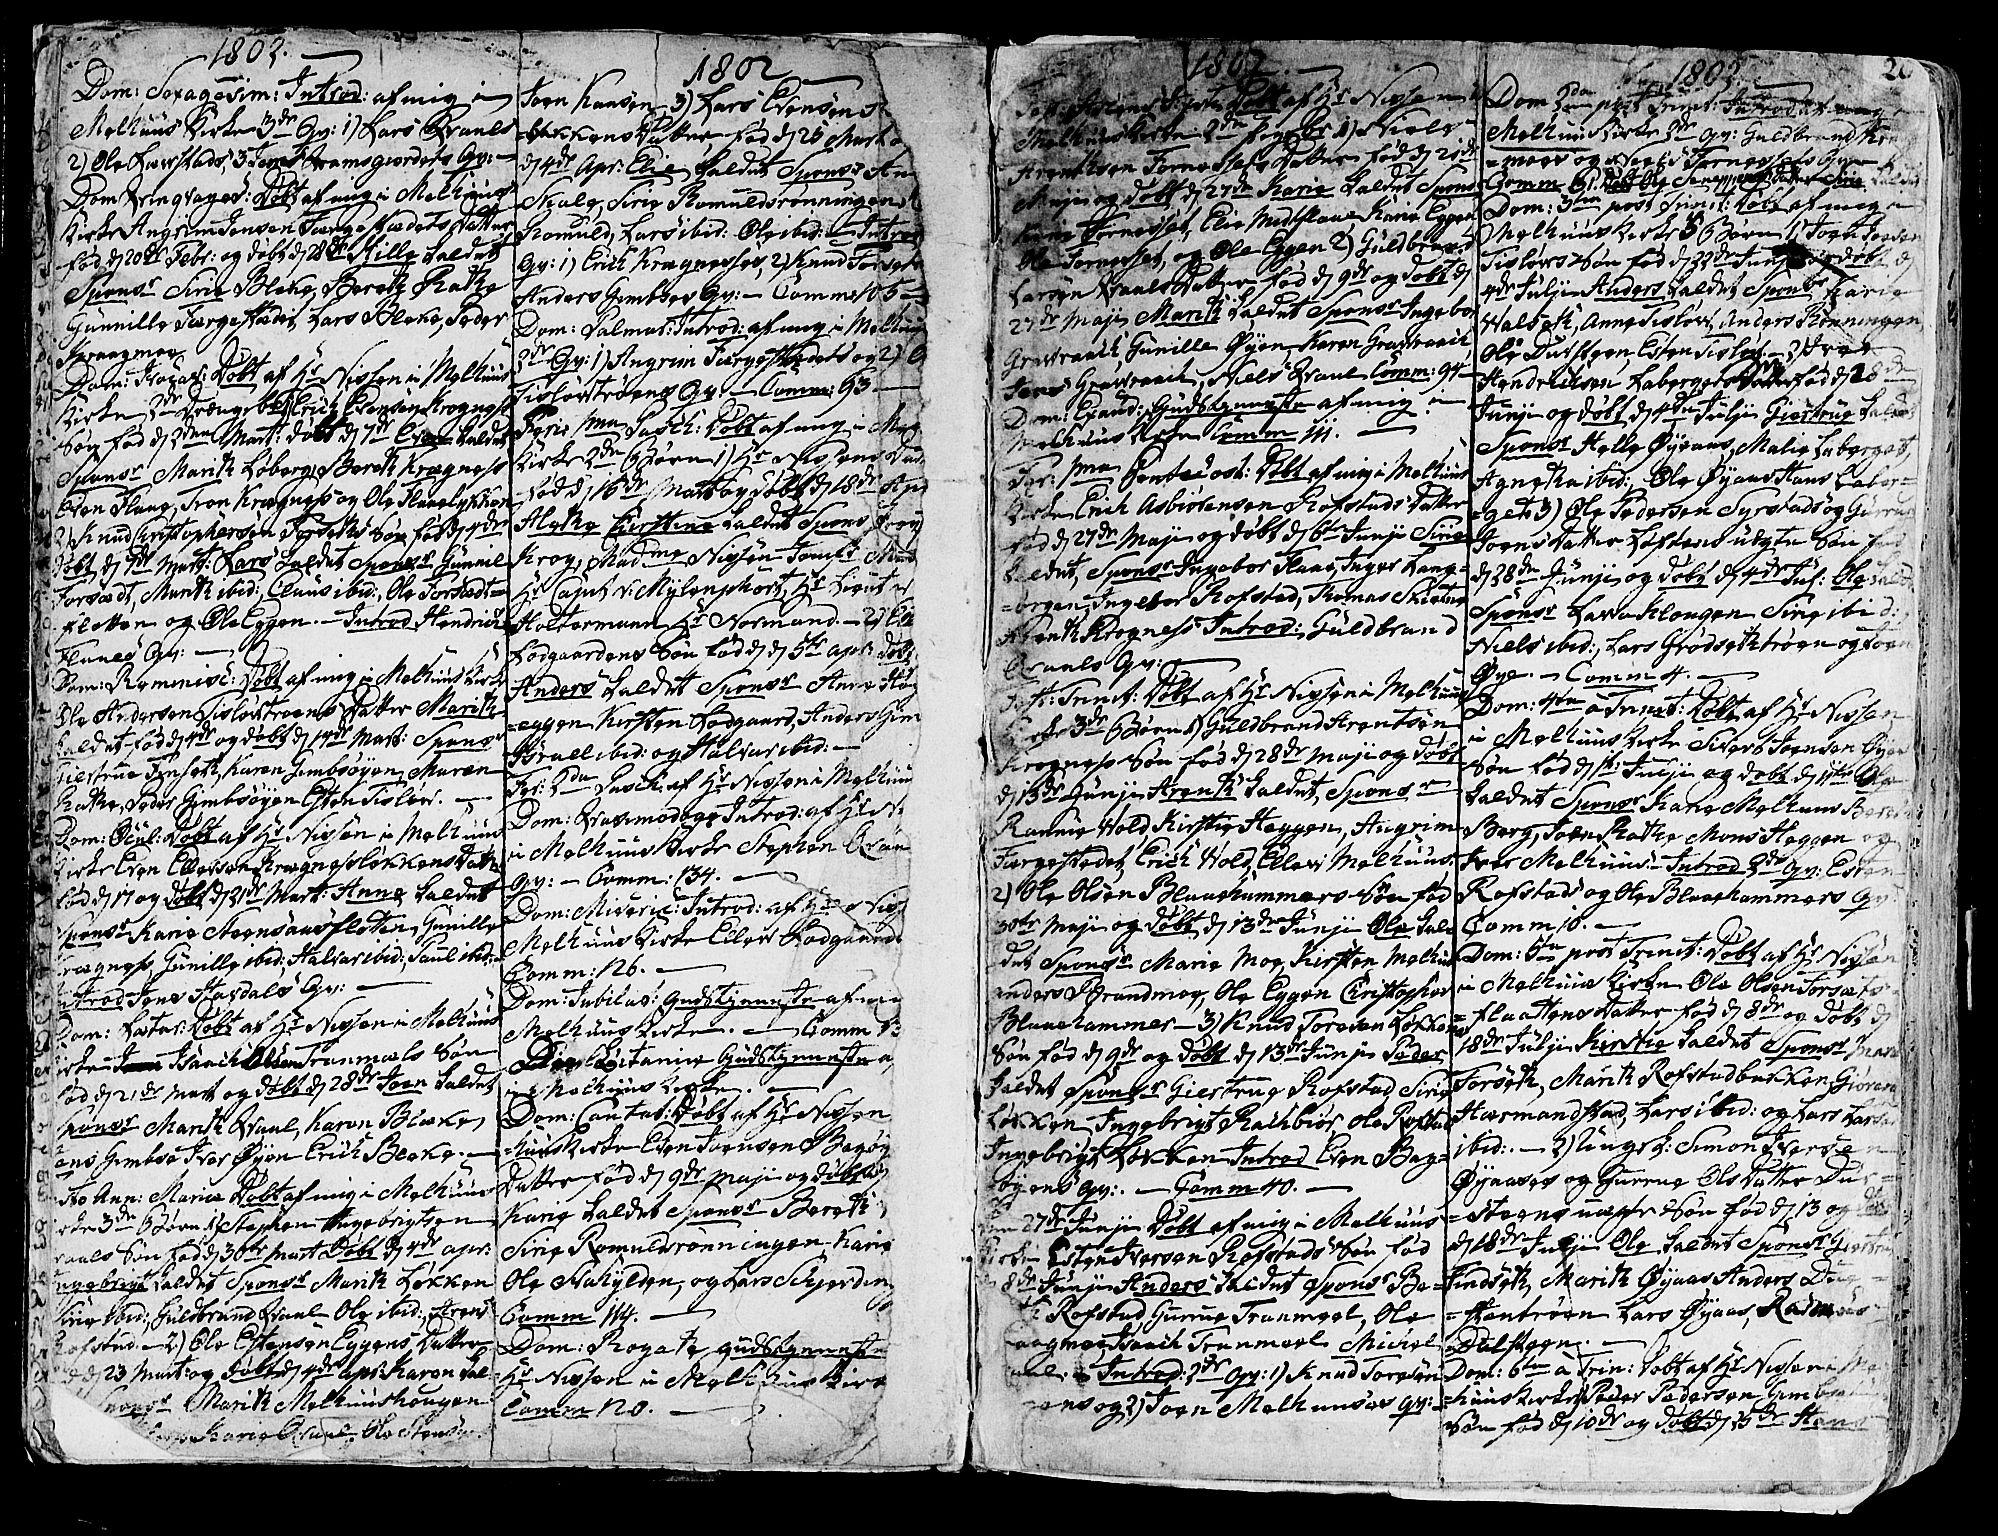 SAT, Ministerialprotokoller, klokkerbøker og fødselsregistre - Sør-Trøndelag, 691/L1061: Ministerialbok nr. 691A02 /1, 1768-1815, s. 20